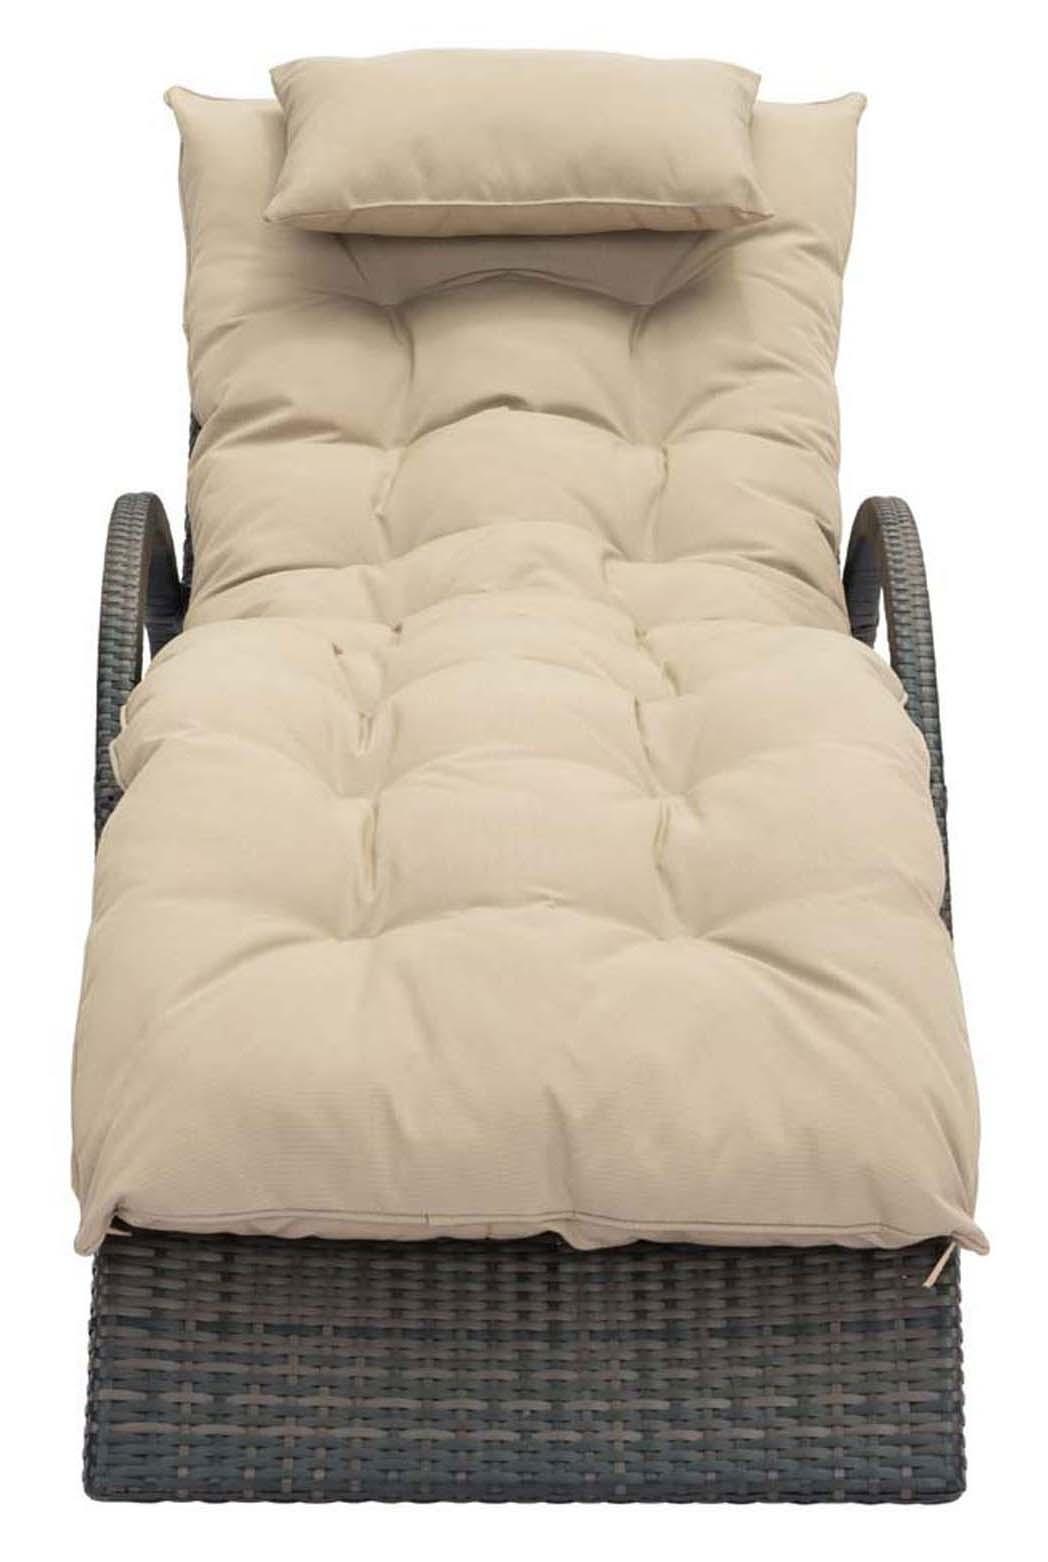 zuo modern eggertz beach chaise lounge